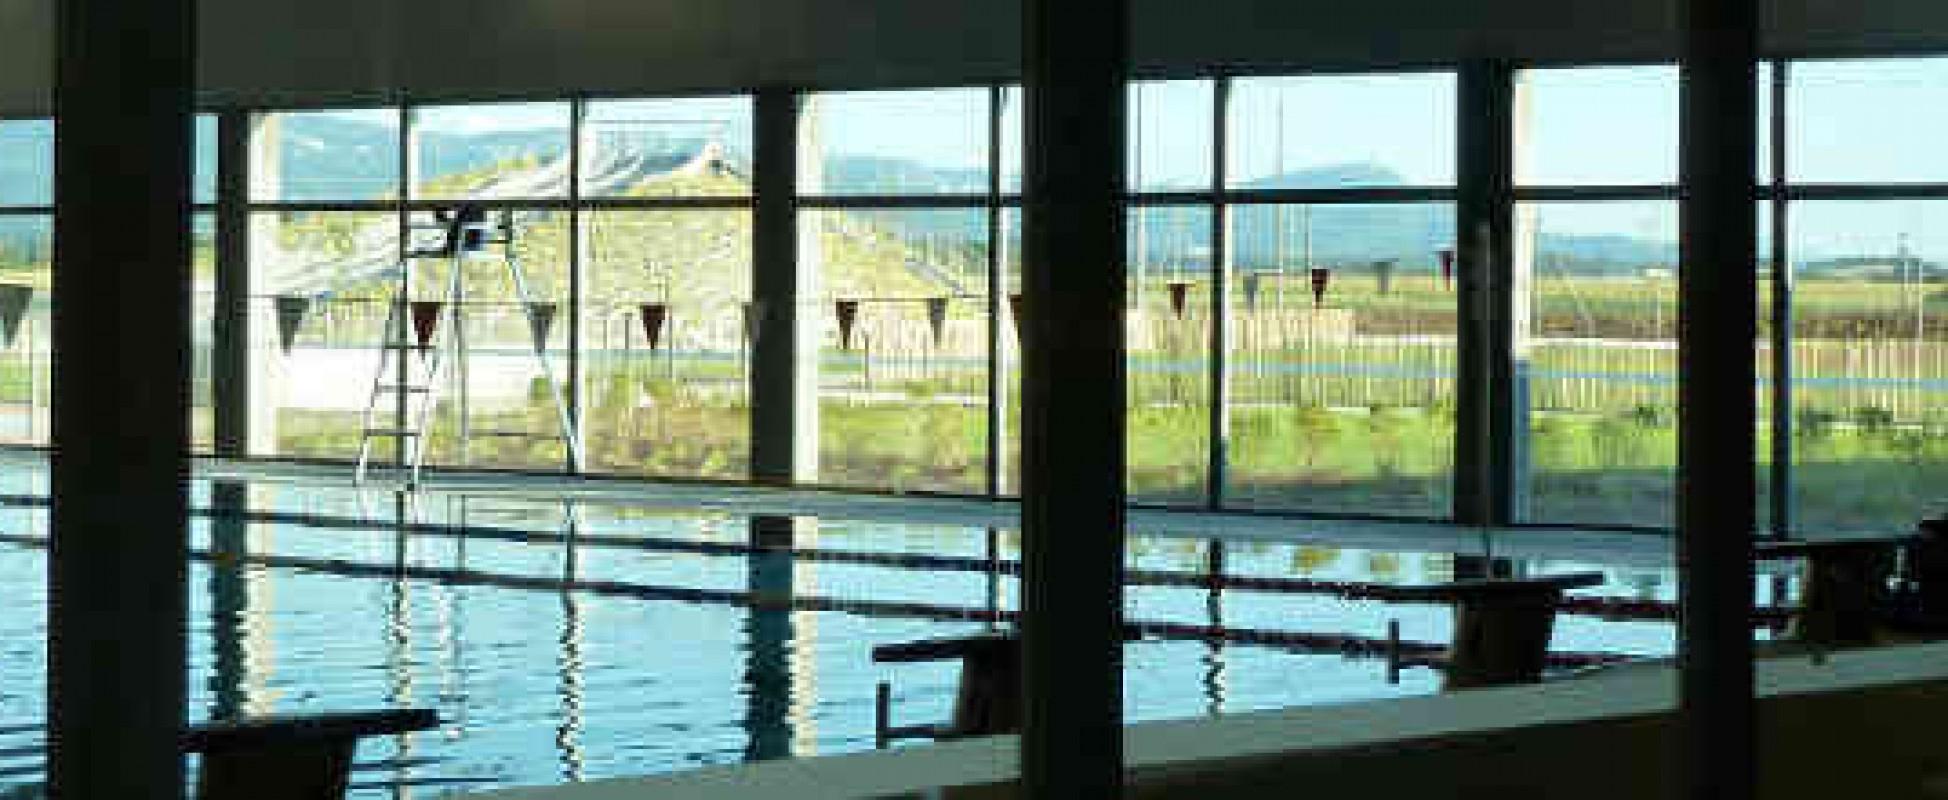 Diabolo Bourg De Péage Espace Aquatique Spa Piscine Spaetc ... concernant Diabolo Piscine